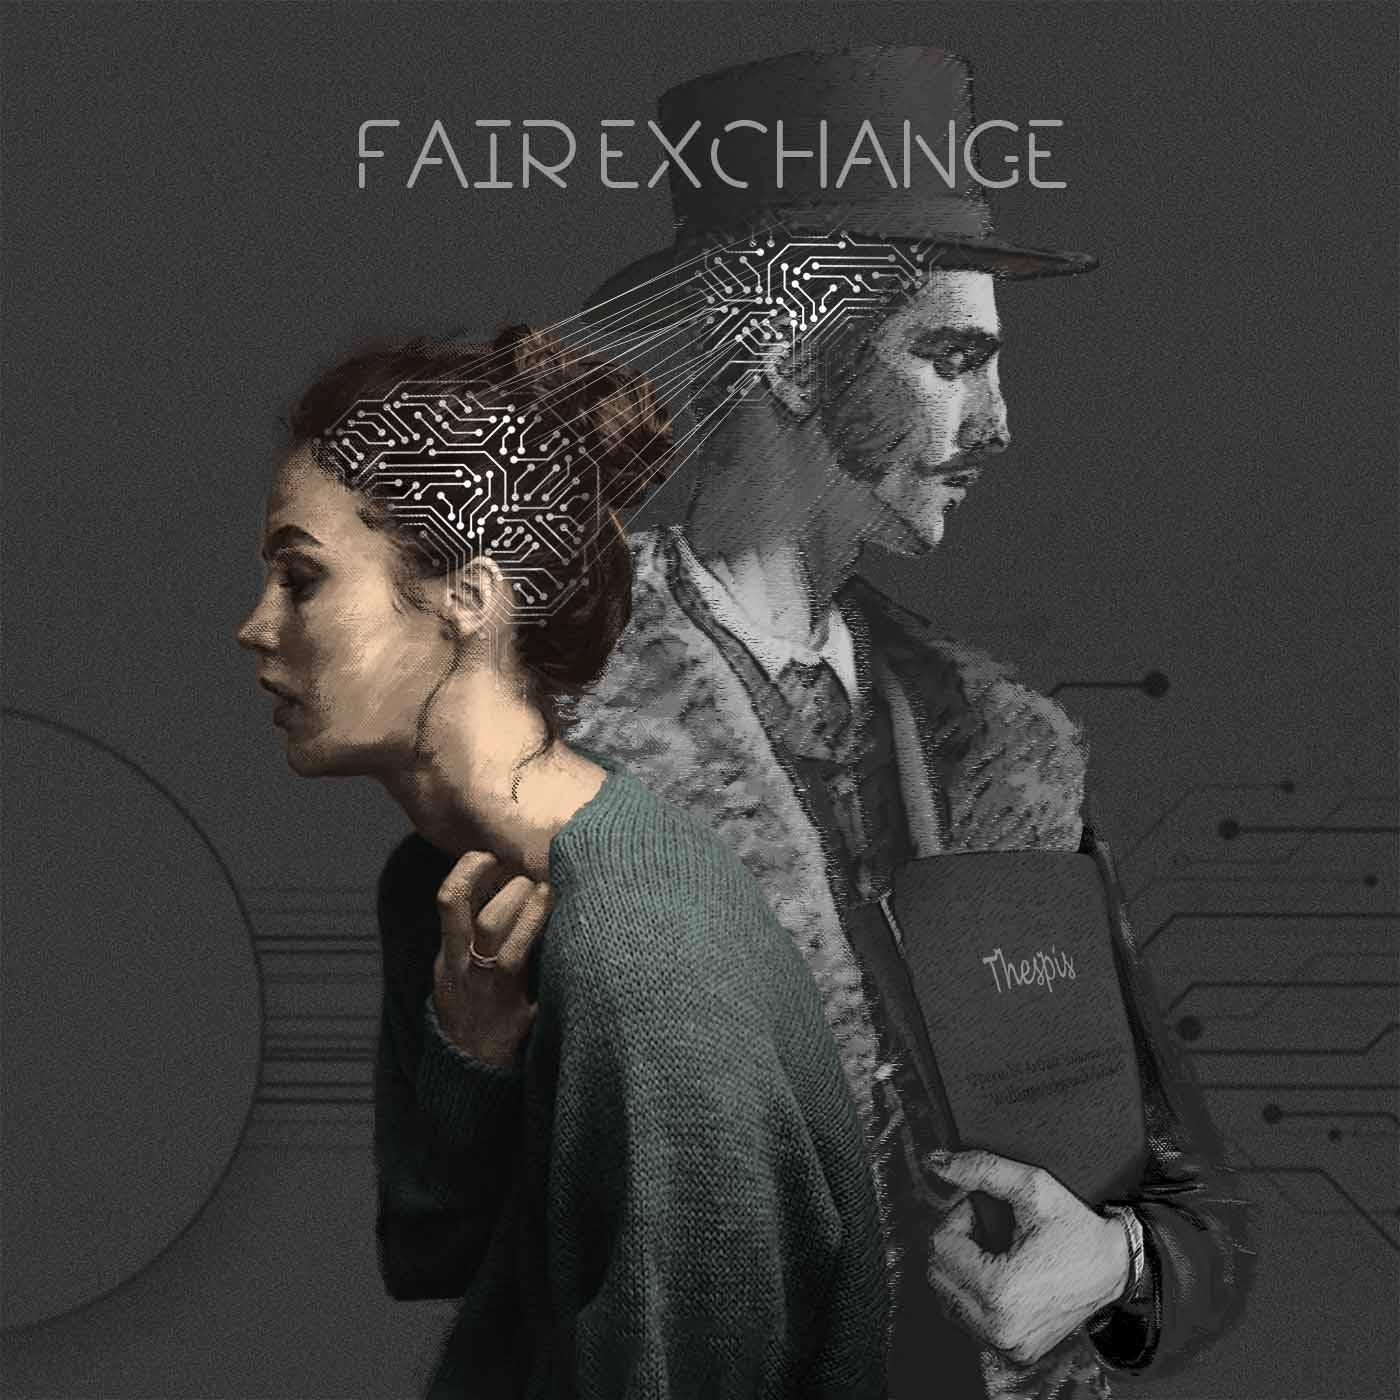 FAIR EXCHANGE   |  مبادله